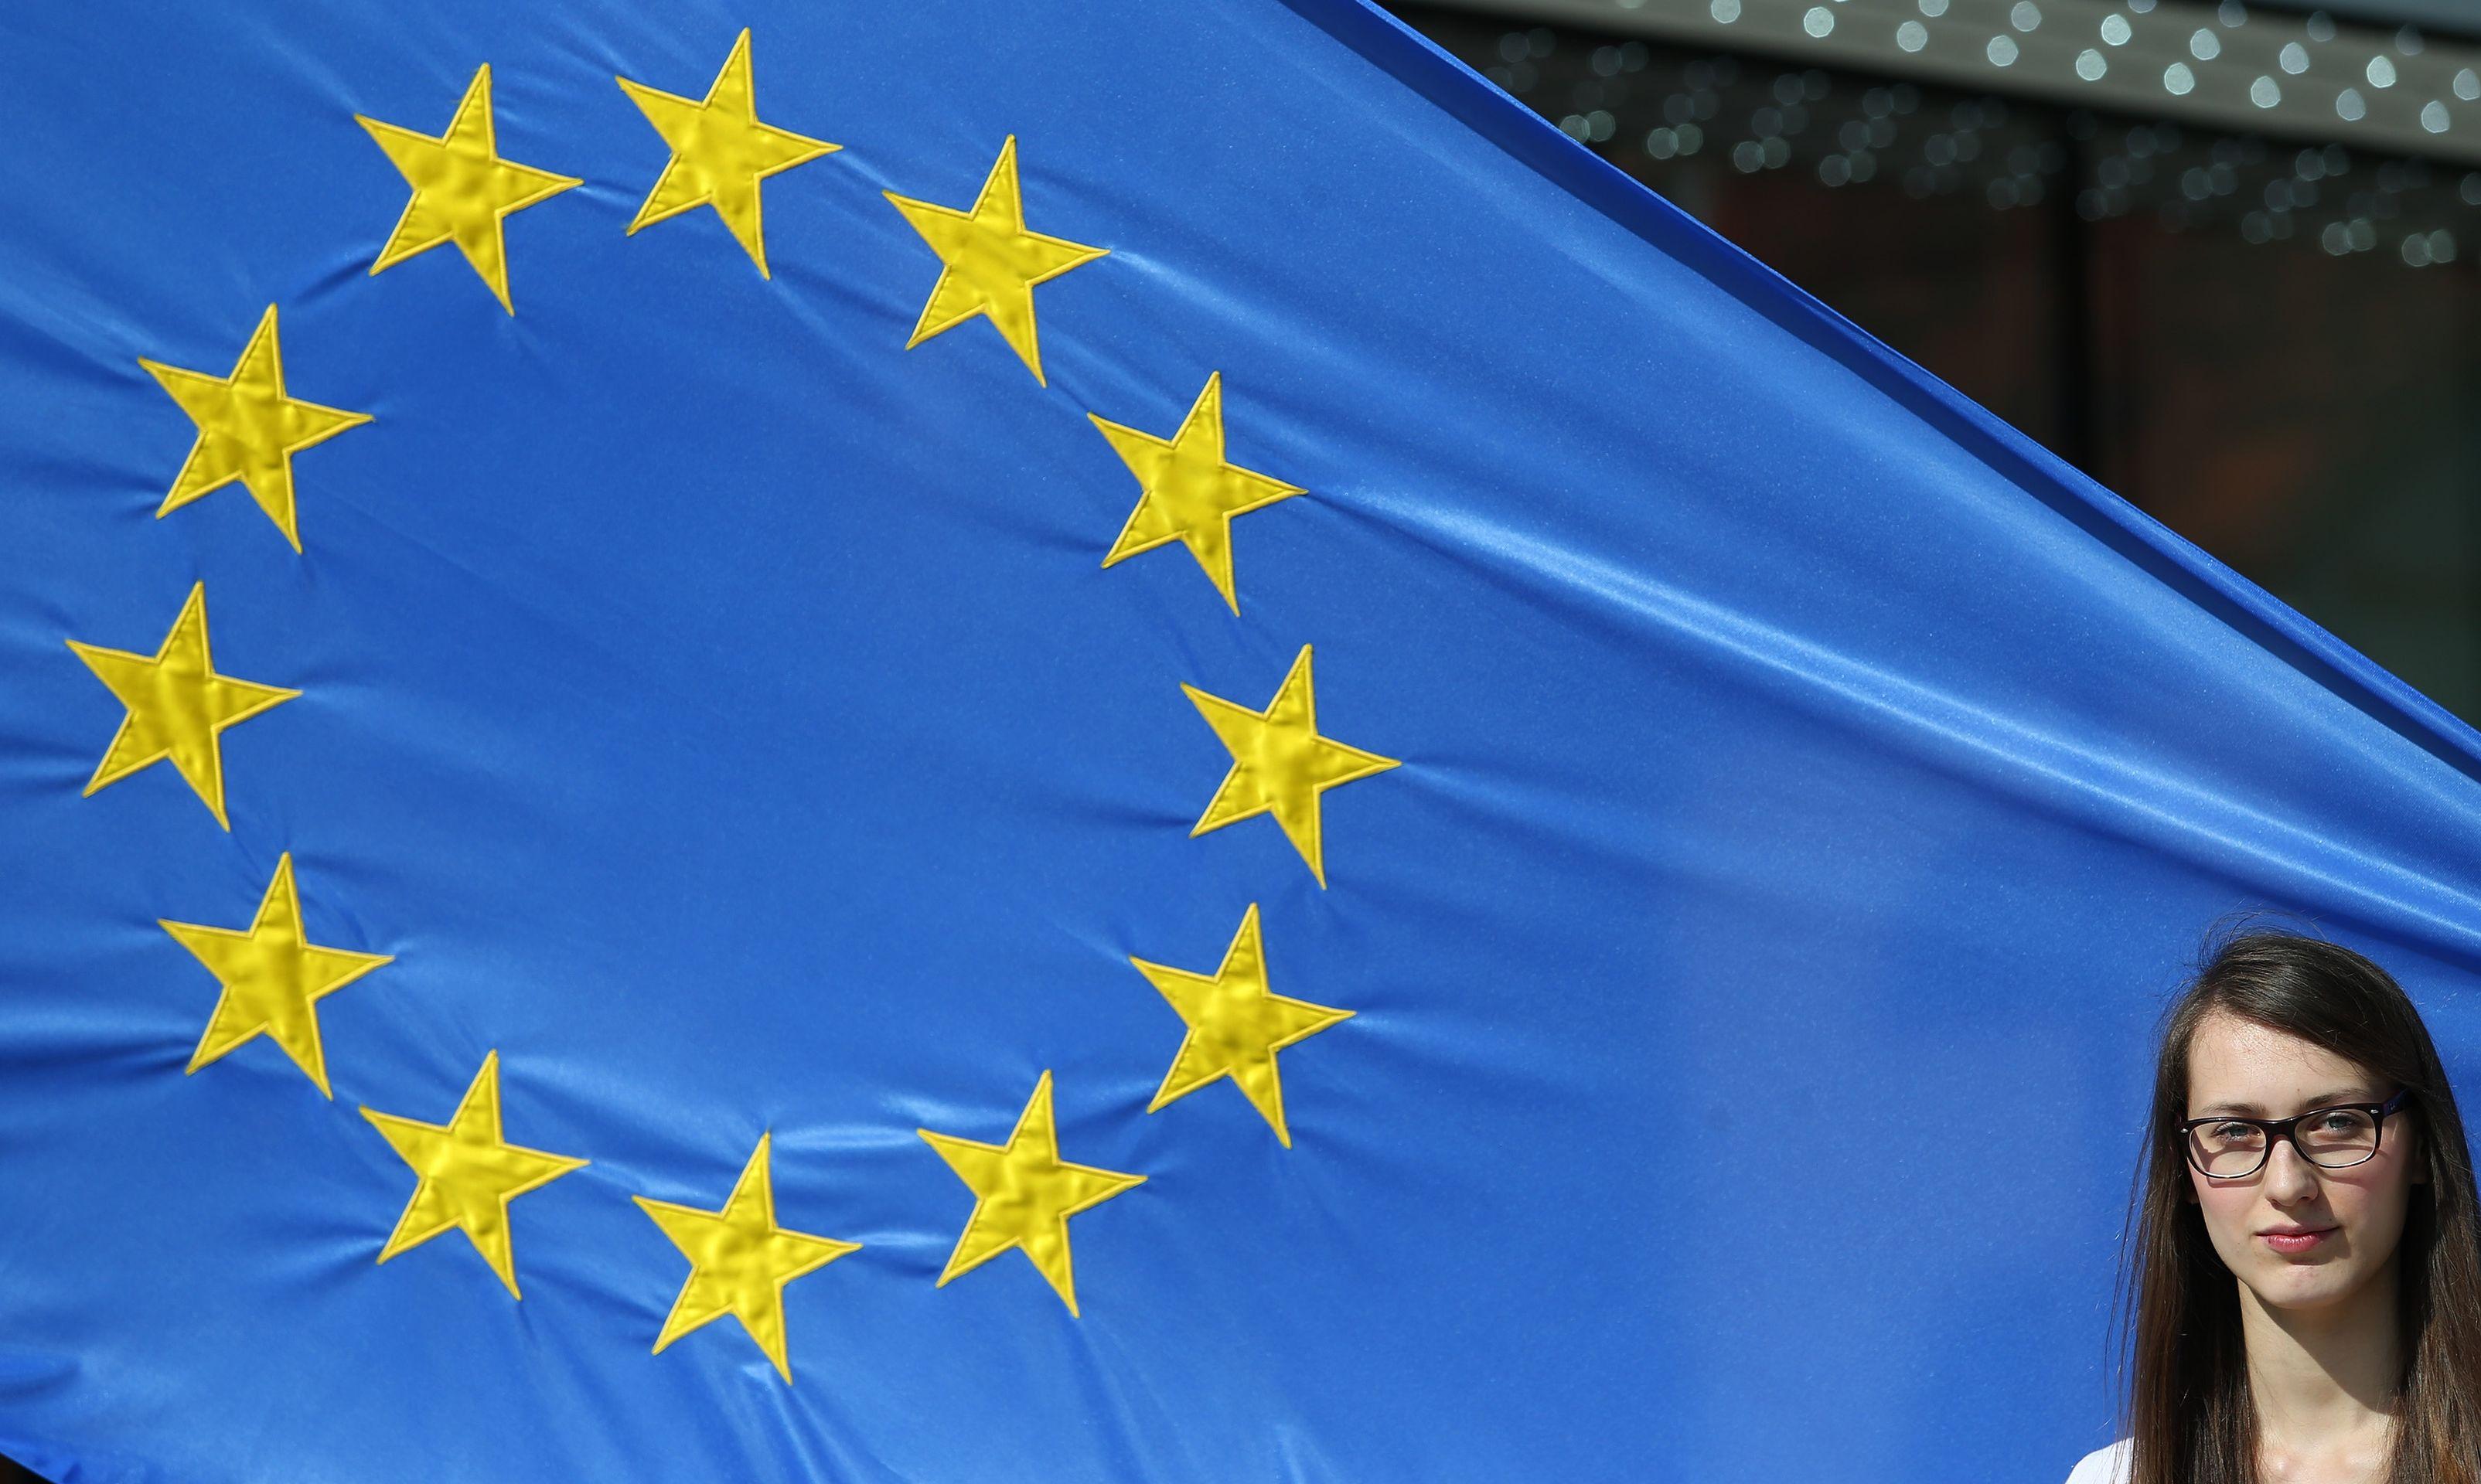 Članice EU će nakon odlaska Britanije morati plaćati više